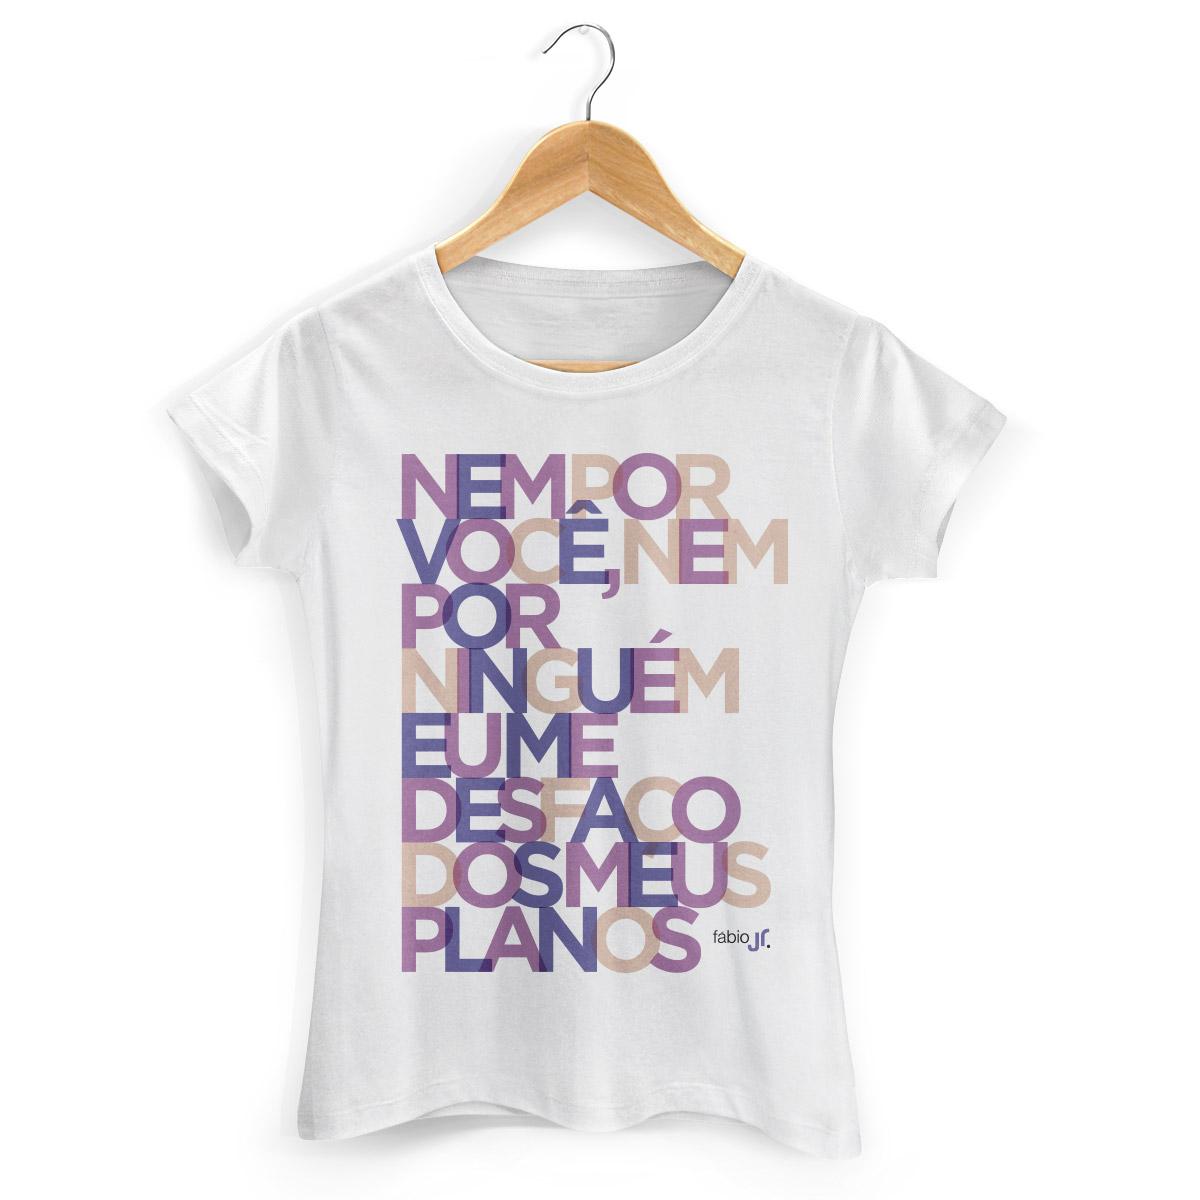 Camiseta Feminina Fábio Junior Meus Planos Colors